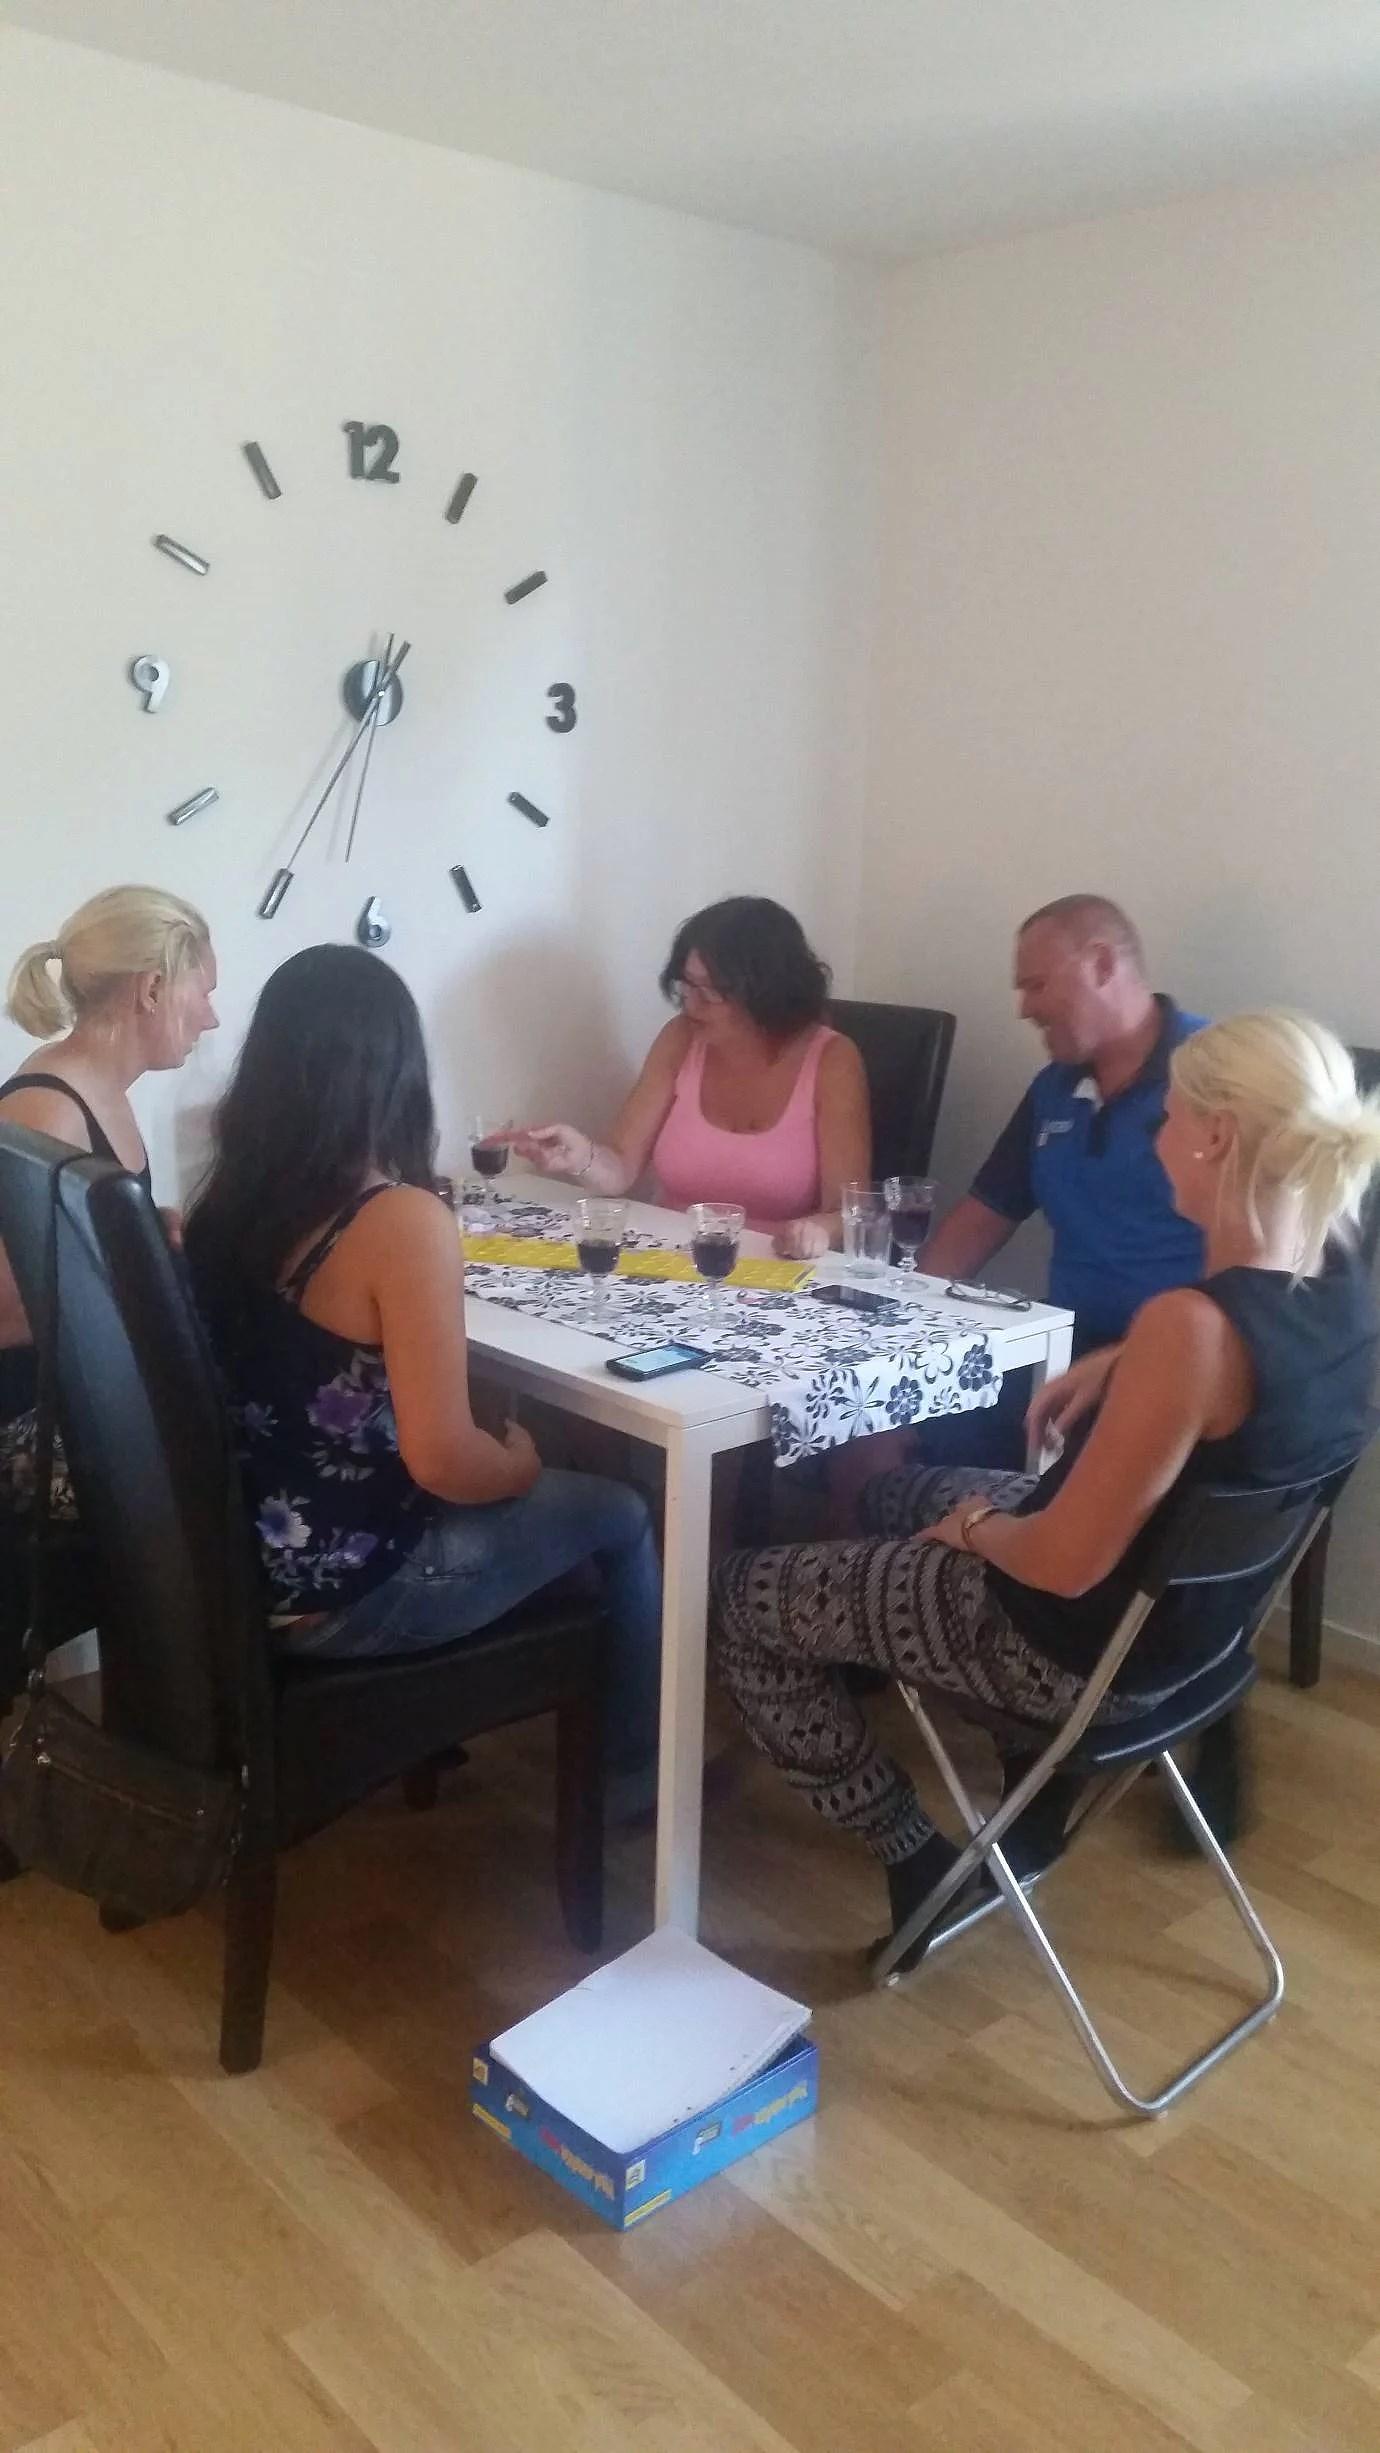 Kollegorna på middag